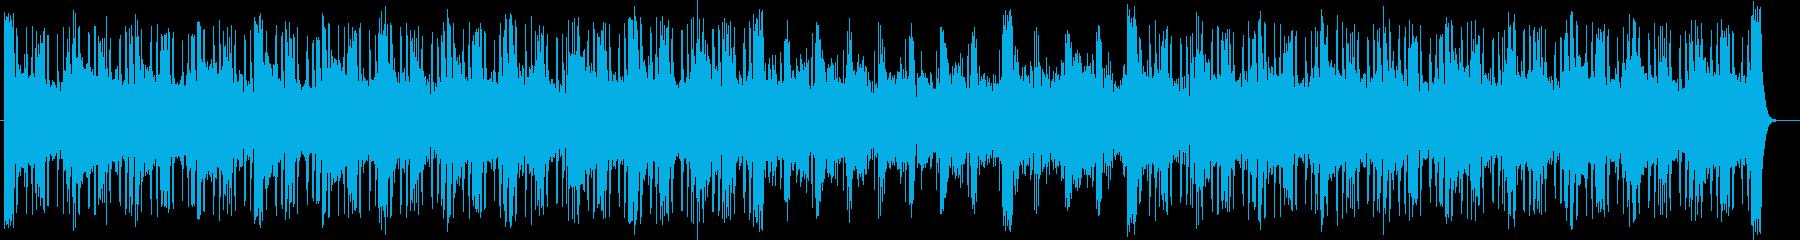 宇宙感とシリアスなシンセサイザーサウンドの再生済みの波形